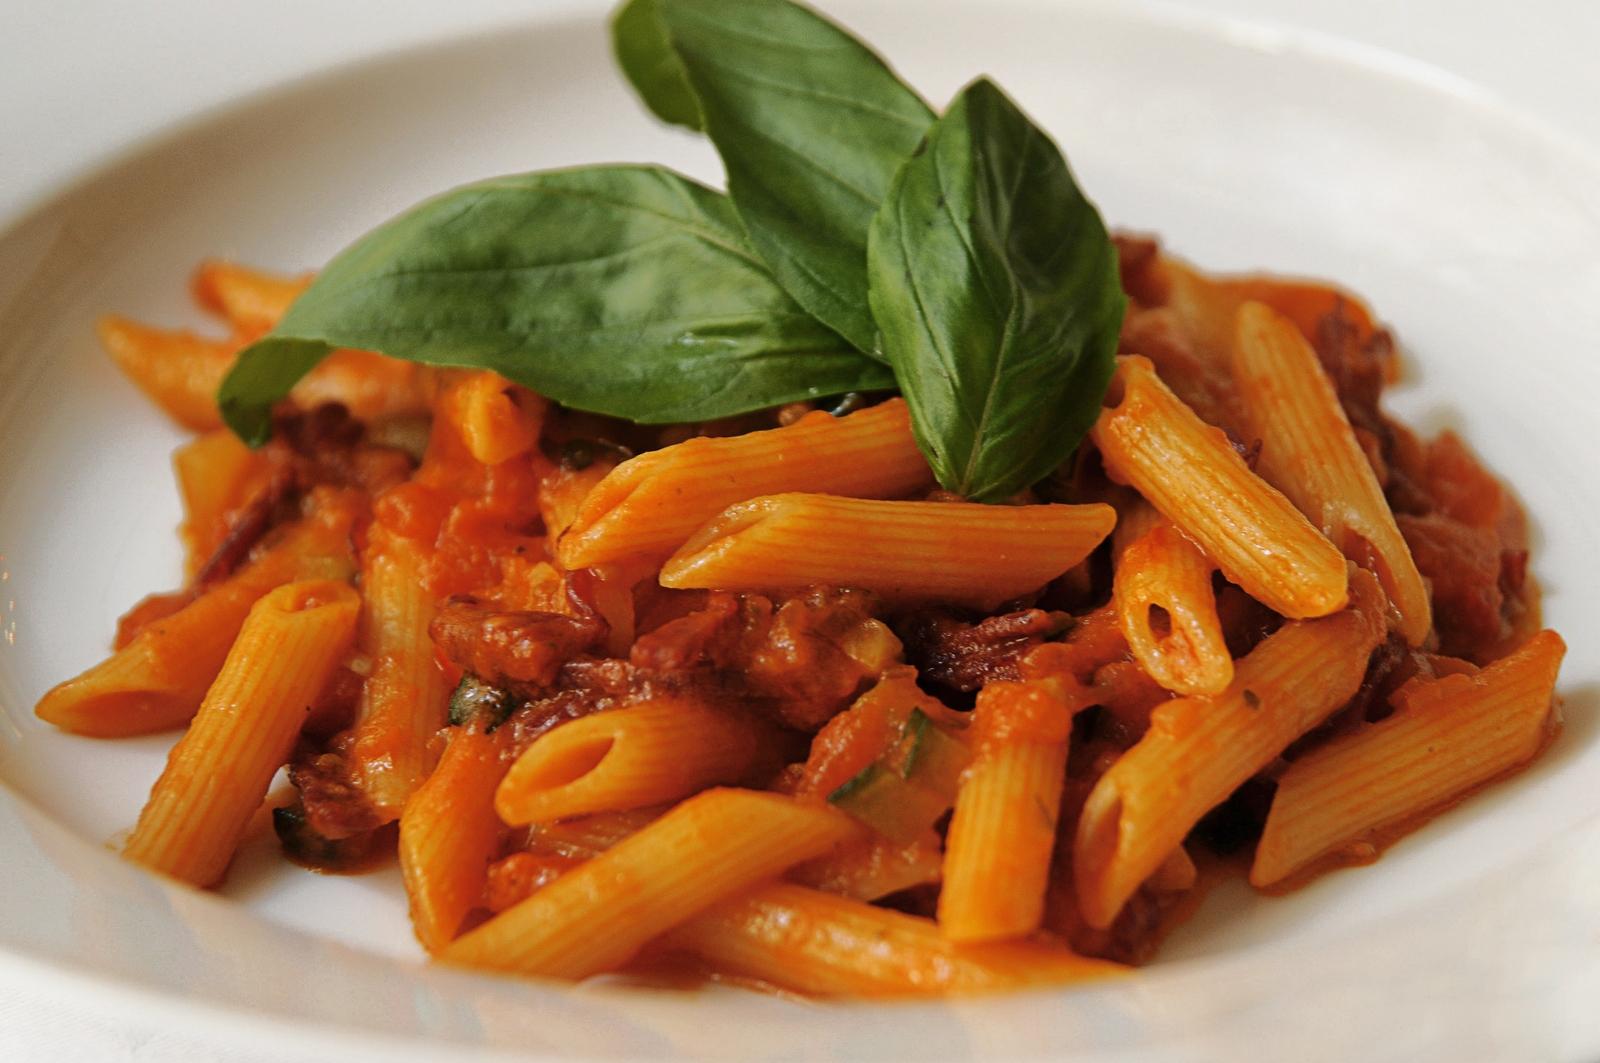 La Dieta Mediterranea, un modello alimentare sempre più amato, anche in Repubblica Ceca.